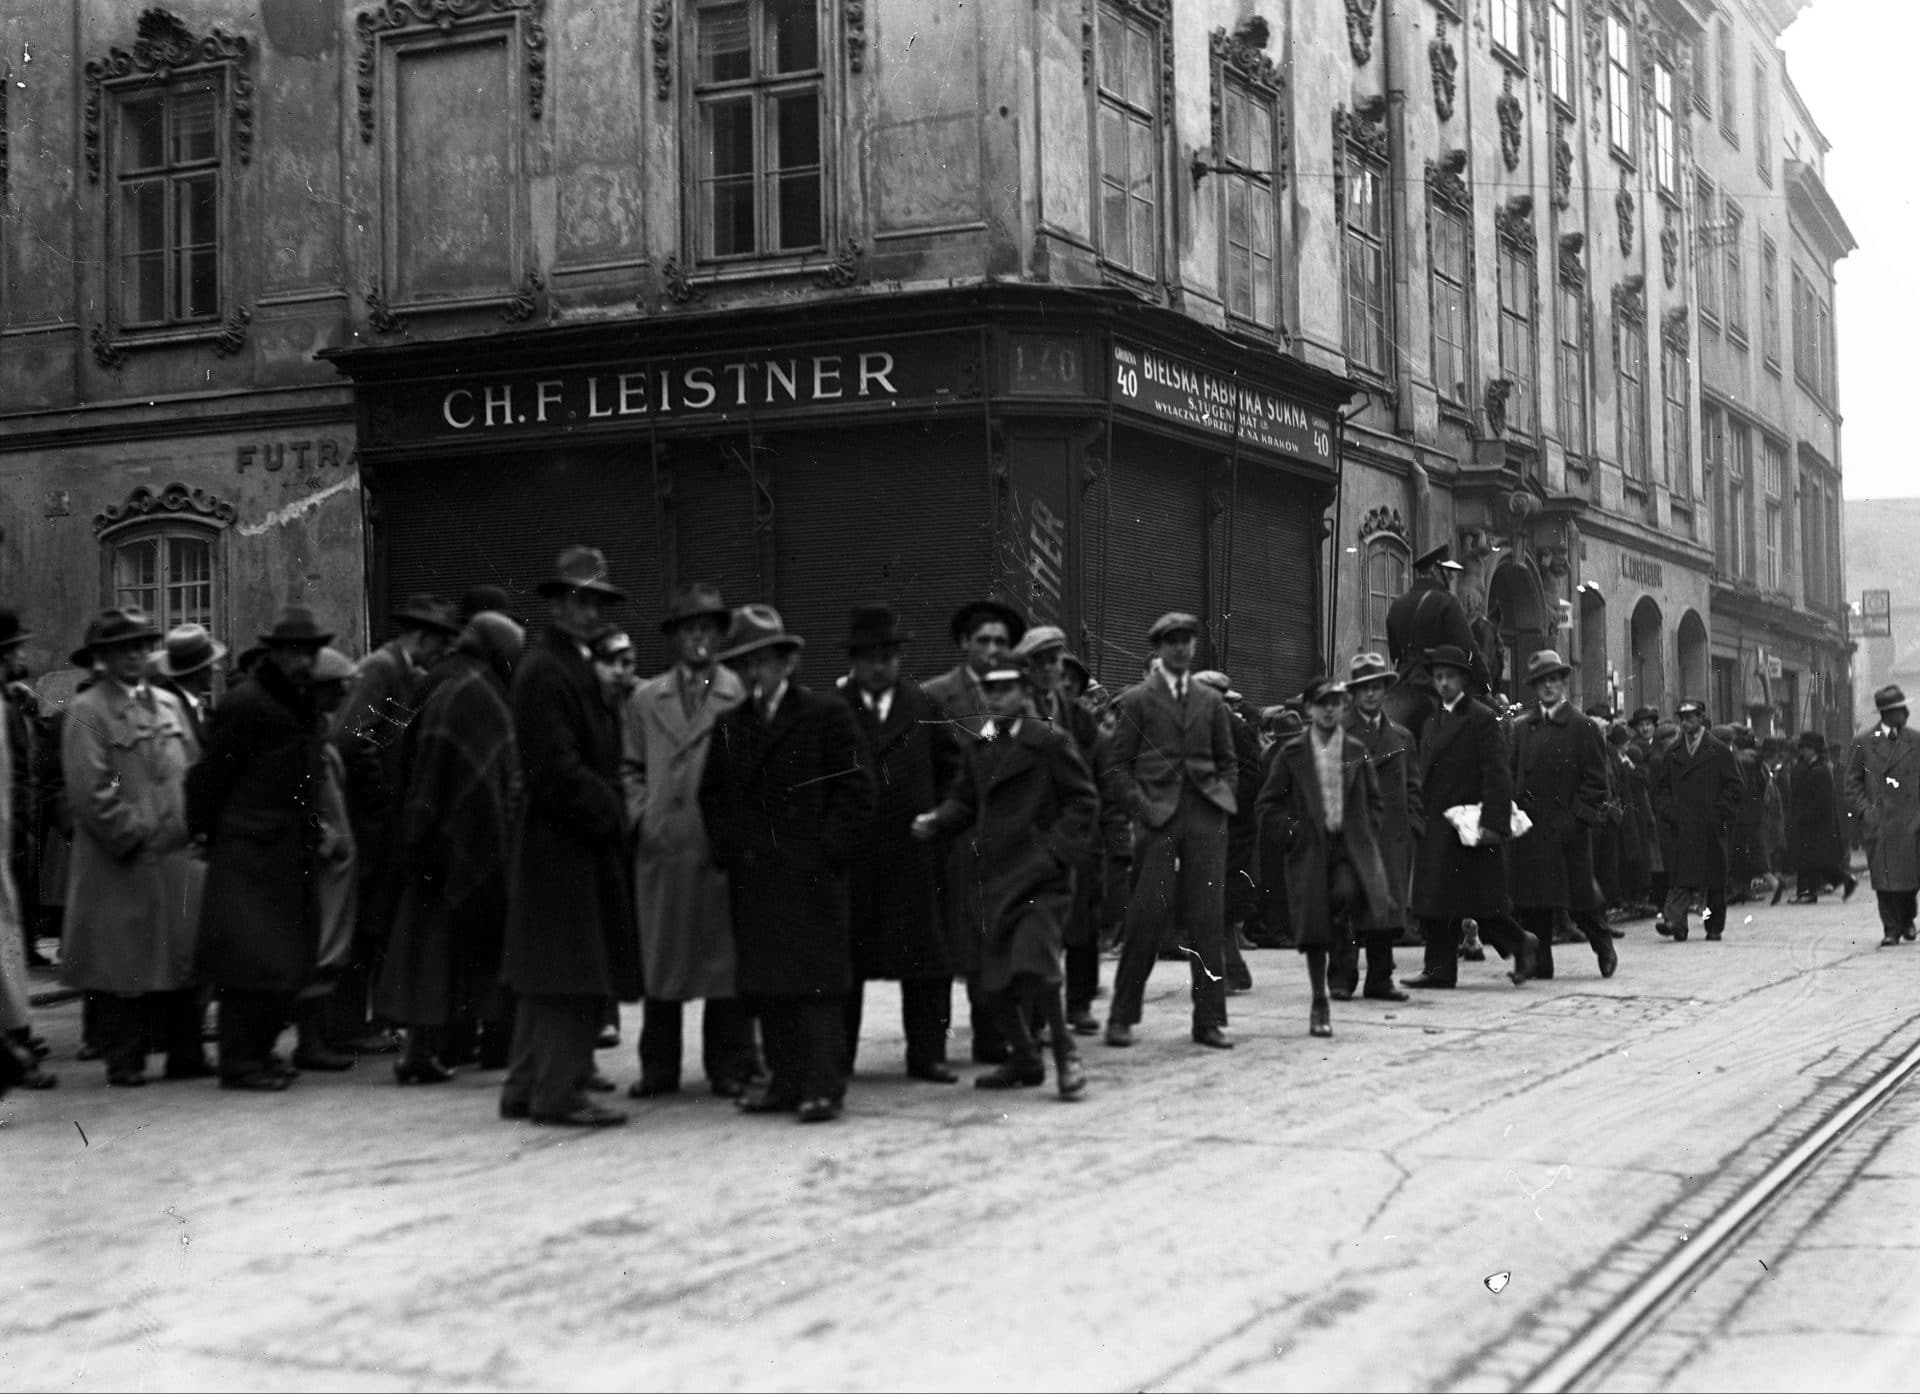 Grupa krakowian oczekuje na wyrok w sprawie Maliszów. Źródło: Narodowe Archiwum Cyfrowe.